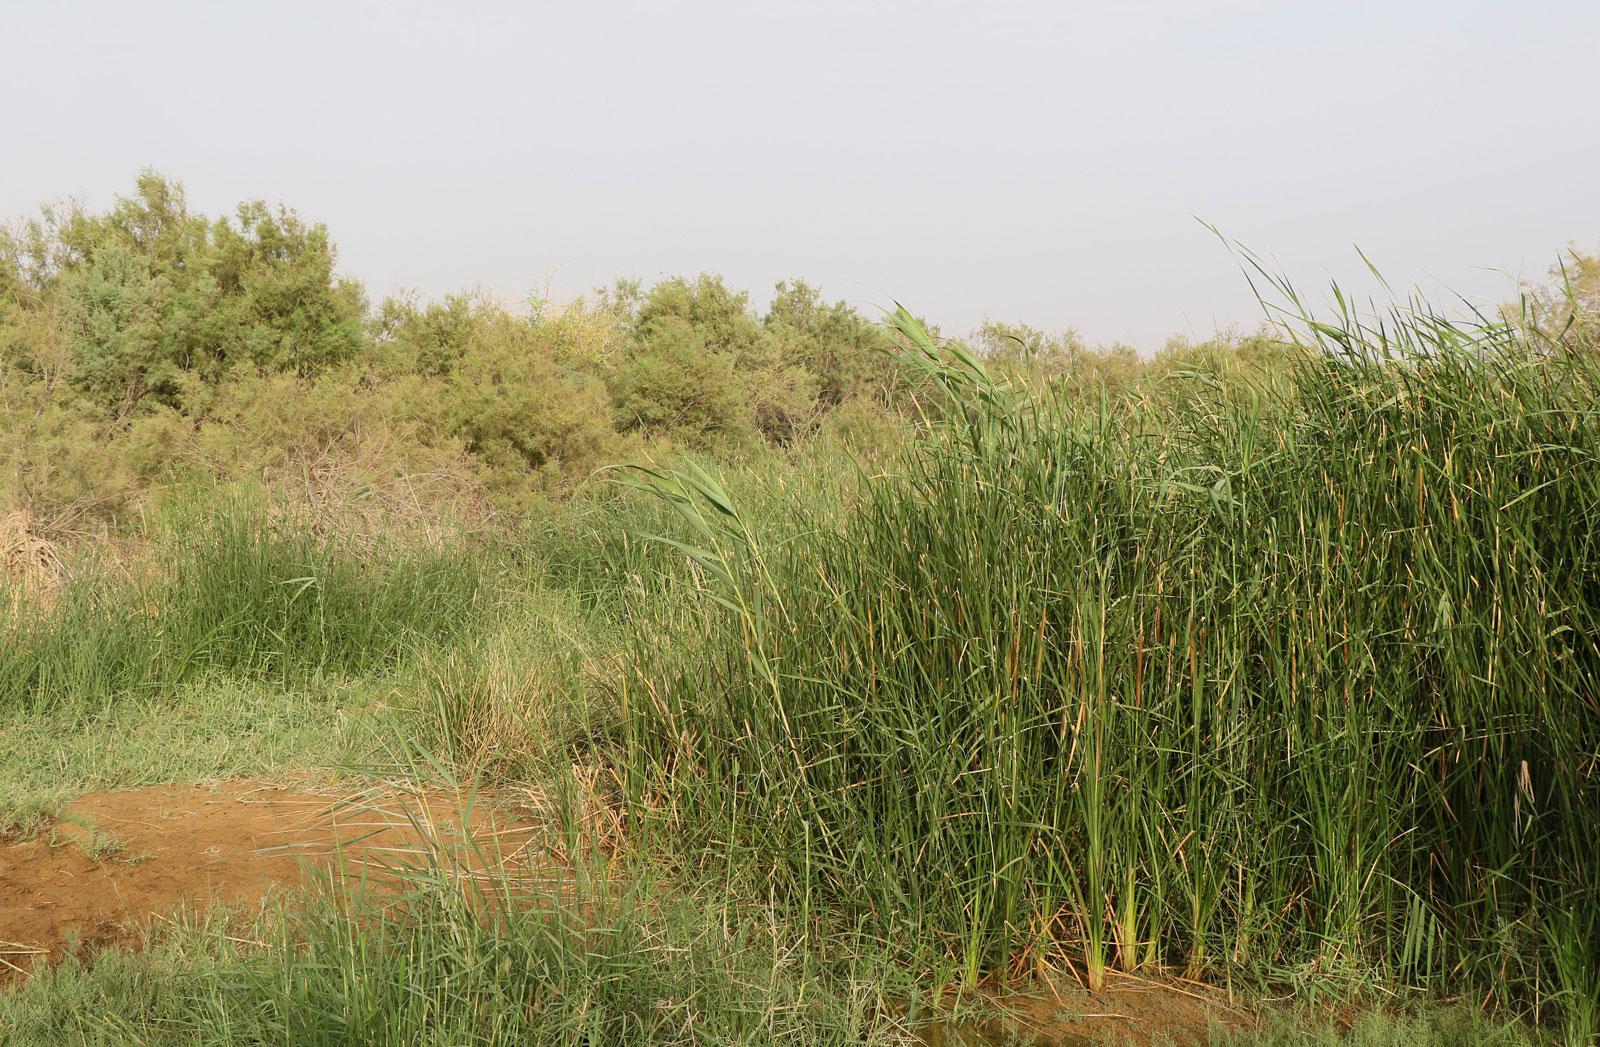 Wadi Gharaba bird habitat